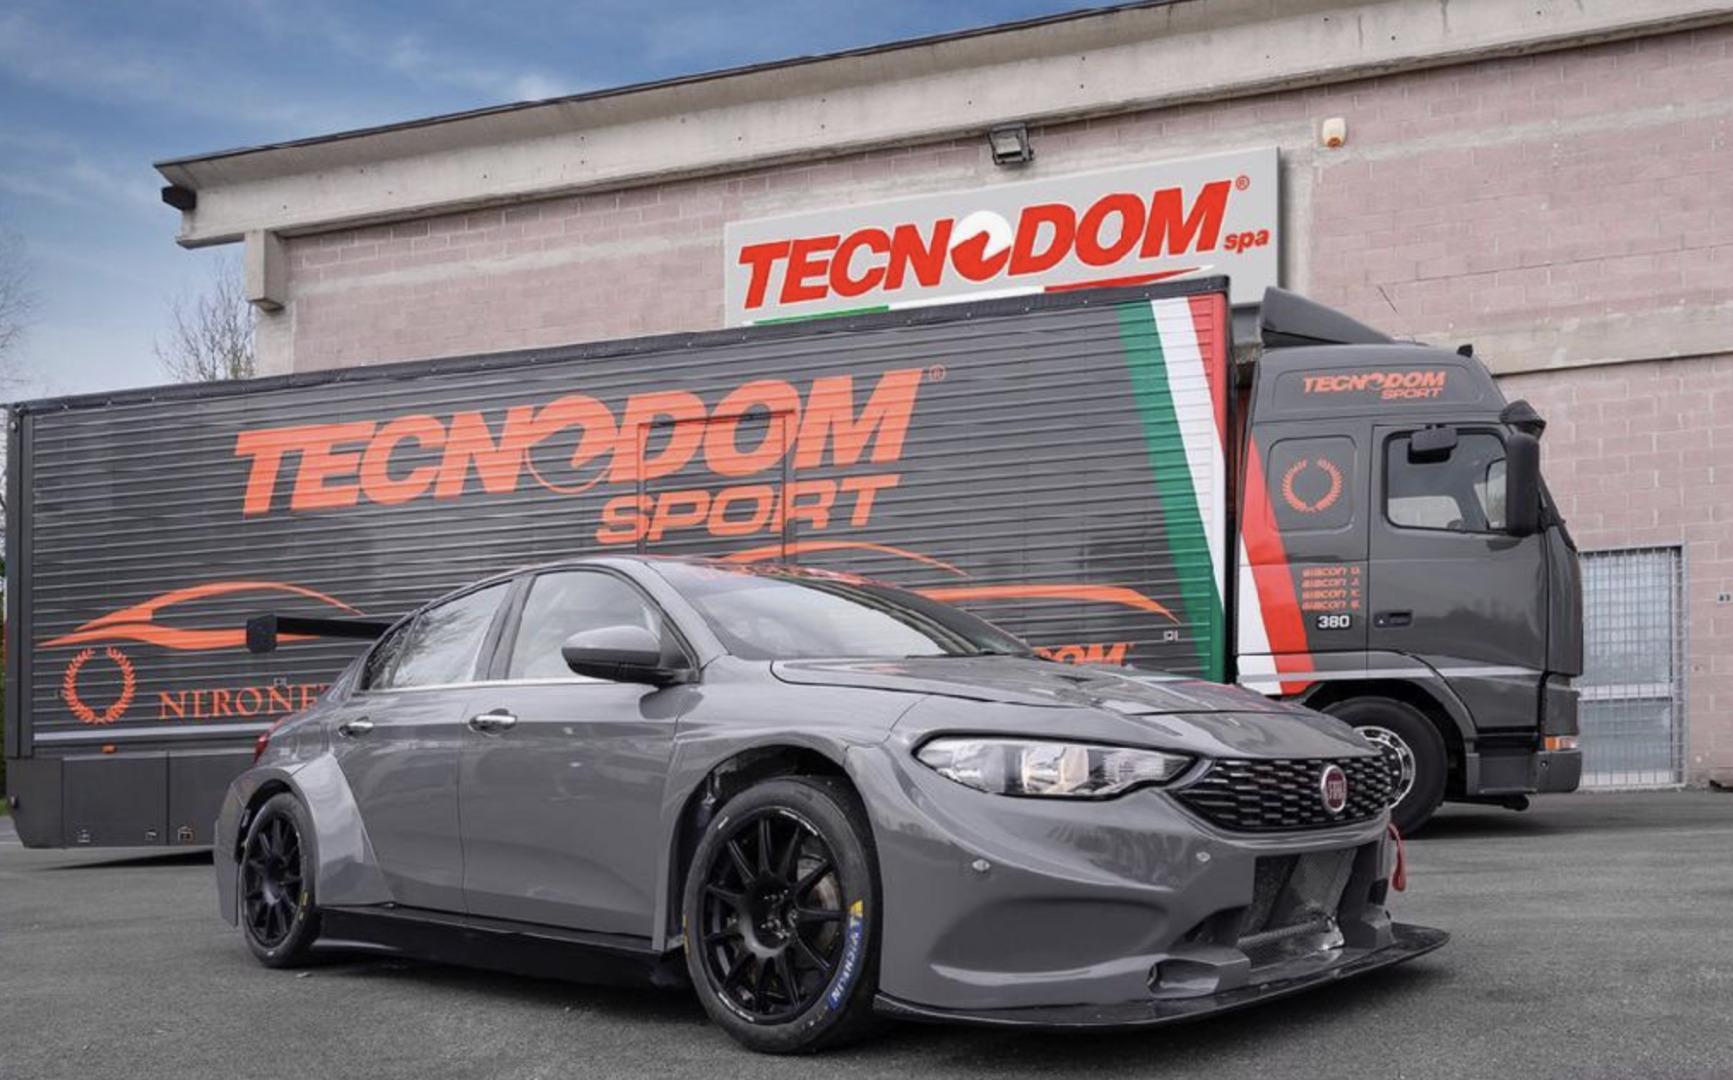 Jövő héten újabb TCR-autó mutatkozik be a nemzetközi porondon